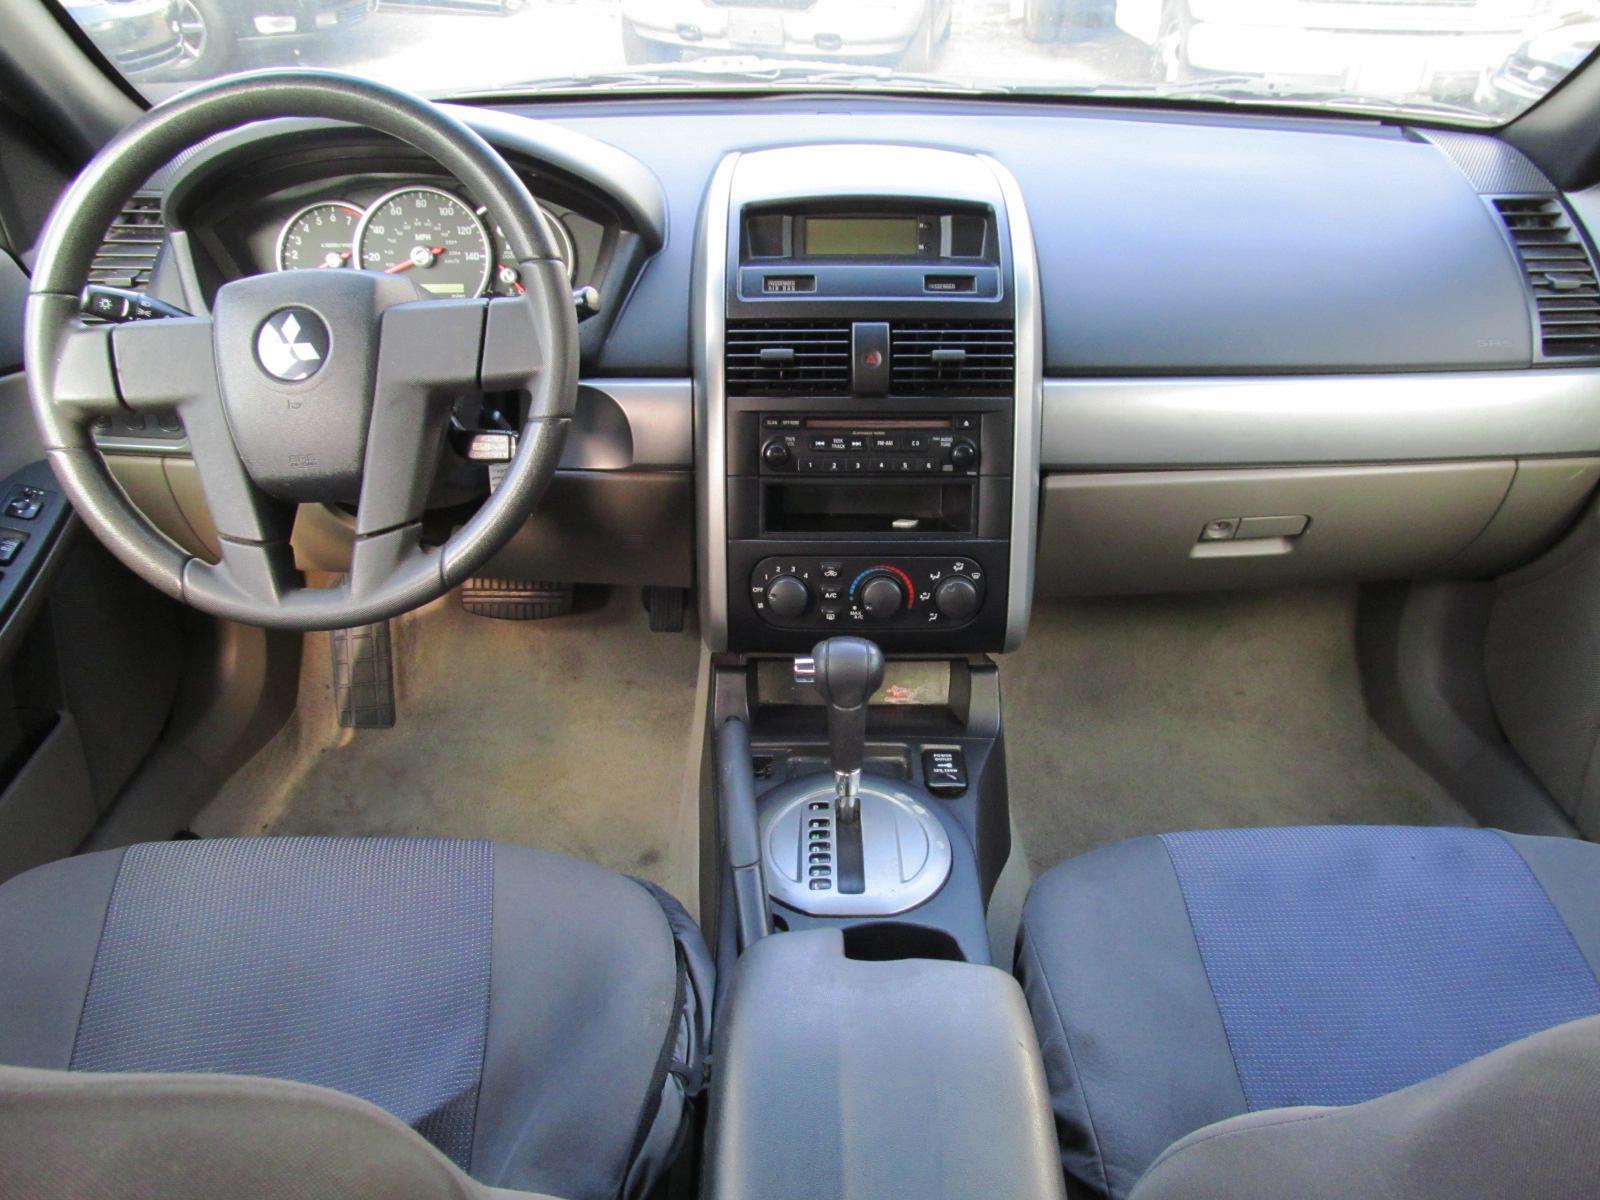 2004 Mitsubishi Galant Pictures Cargurus